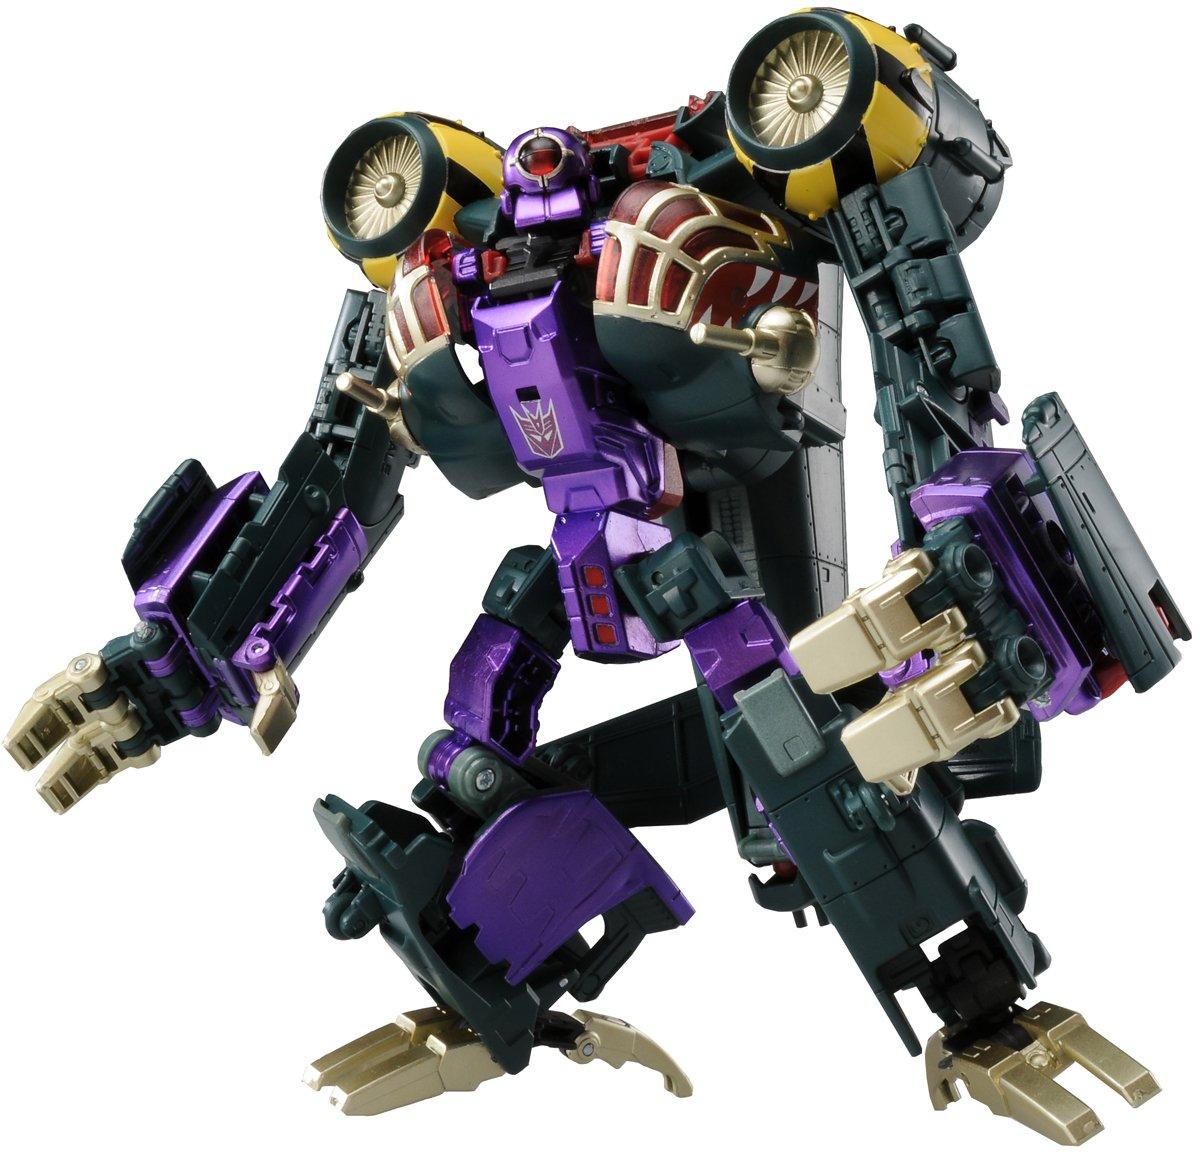 Jouets Transformers Generations: Nouveautés Hasbro - partie 1 - Page 2 1286987206_B0046XR7DA.09.MAIN._SCRMZZZZZZ_